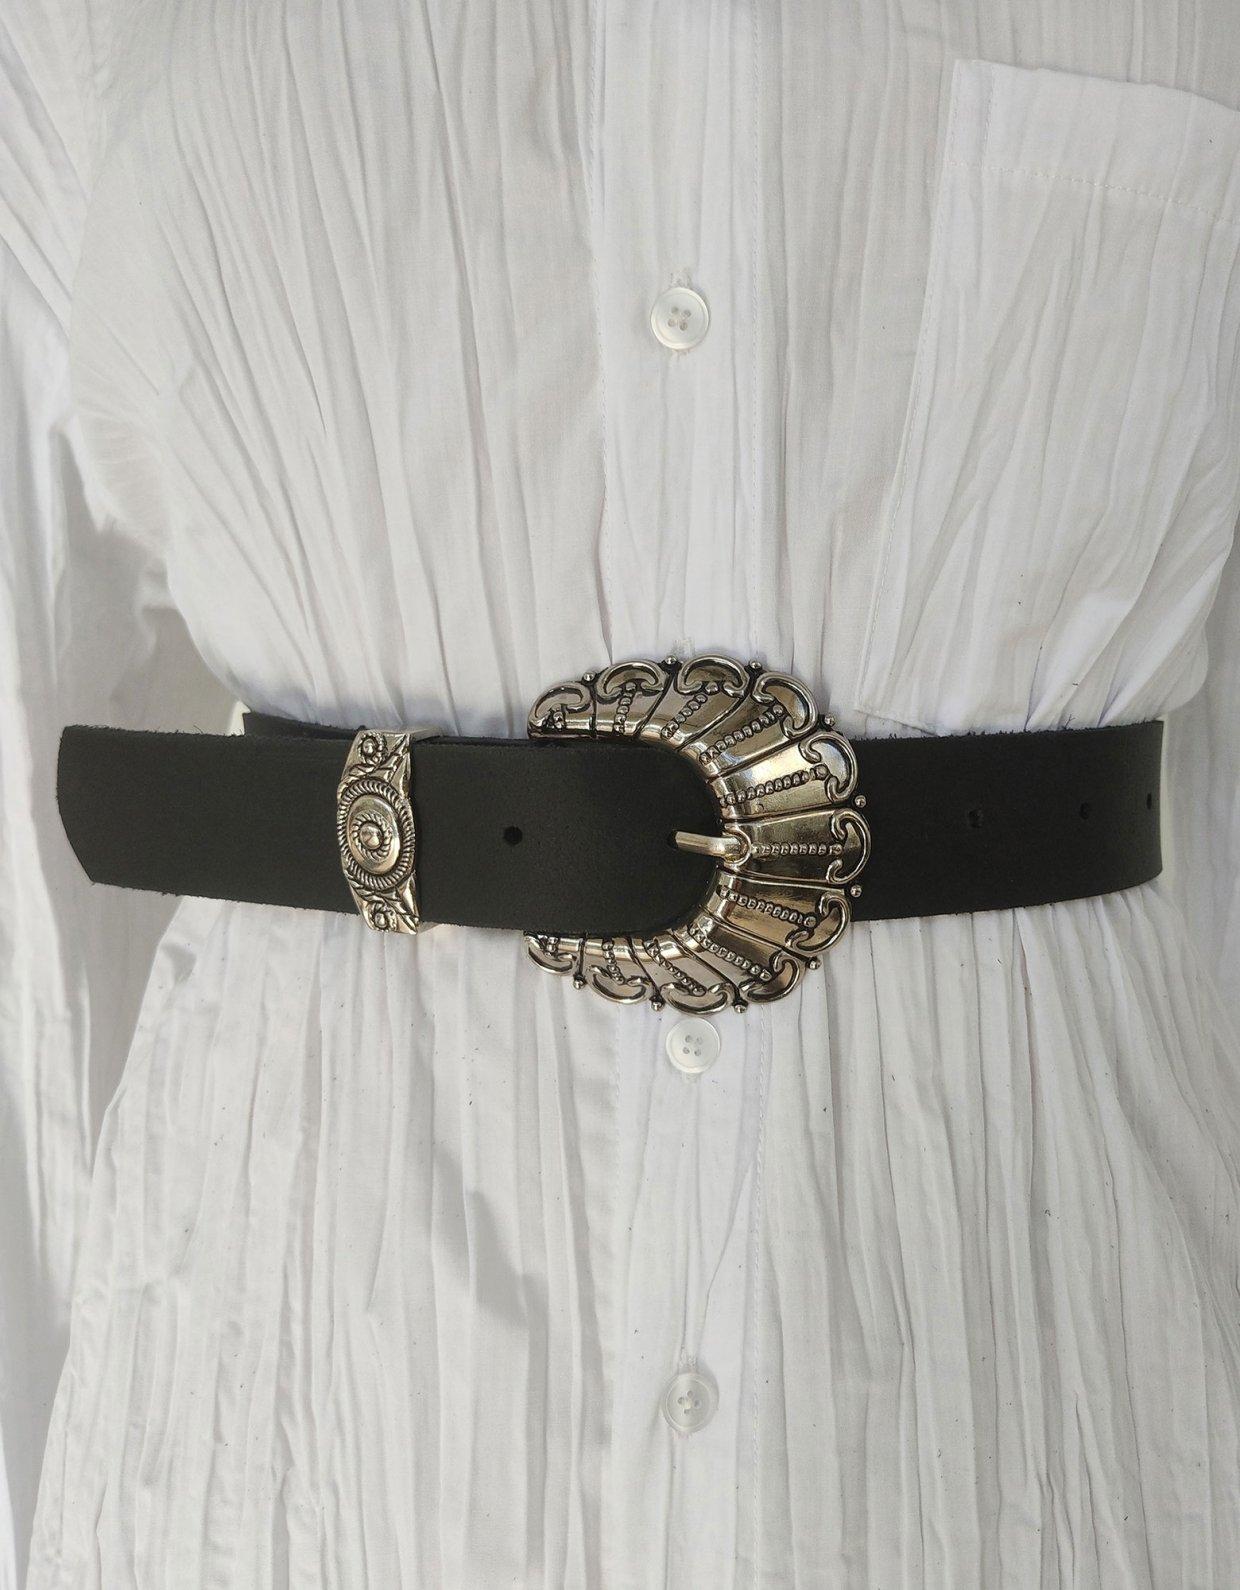 Peace & Chaos Petals leather belt black